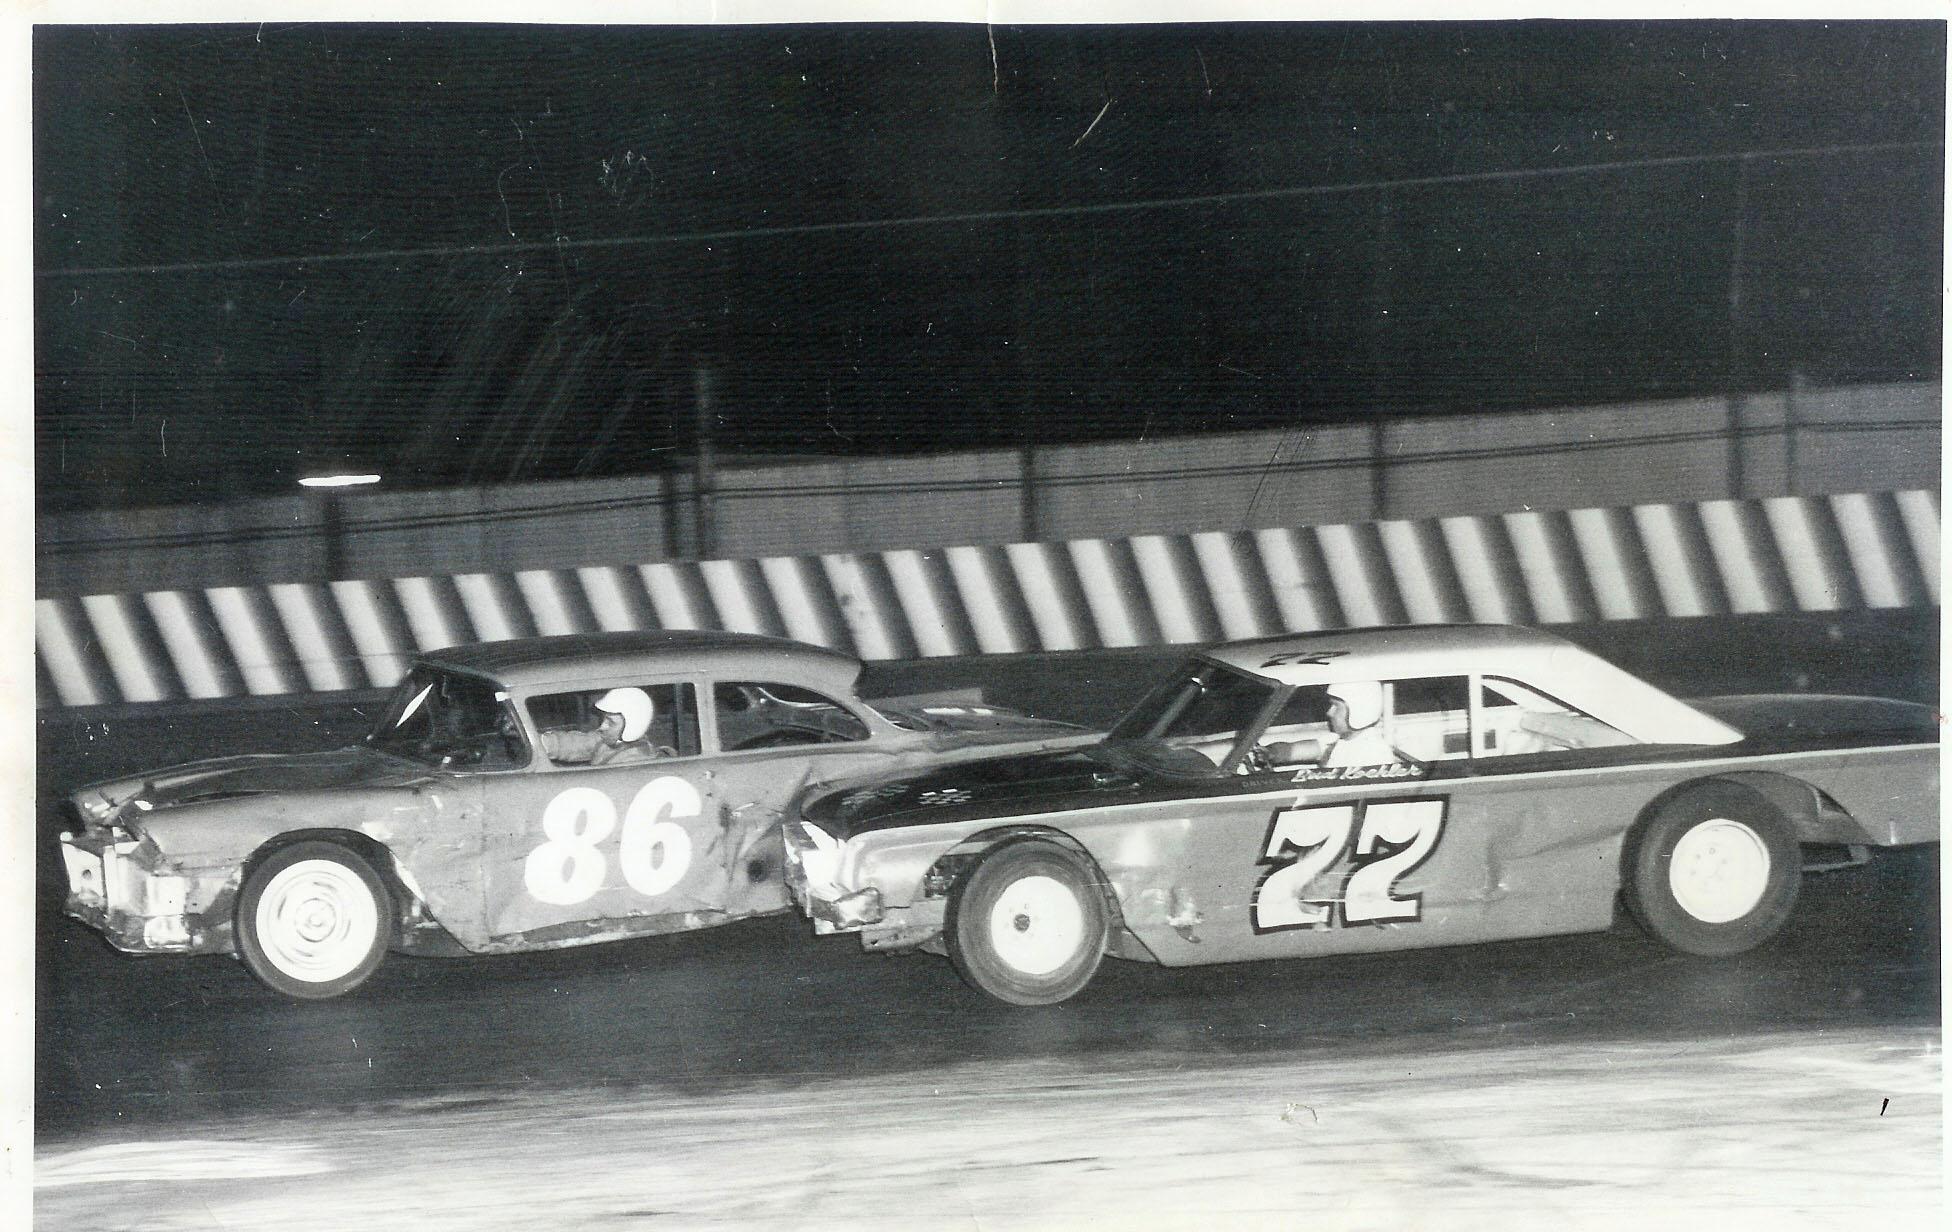 77 - Bud Koehler - 1964.jpg